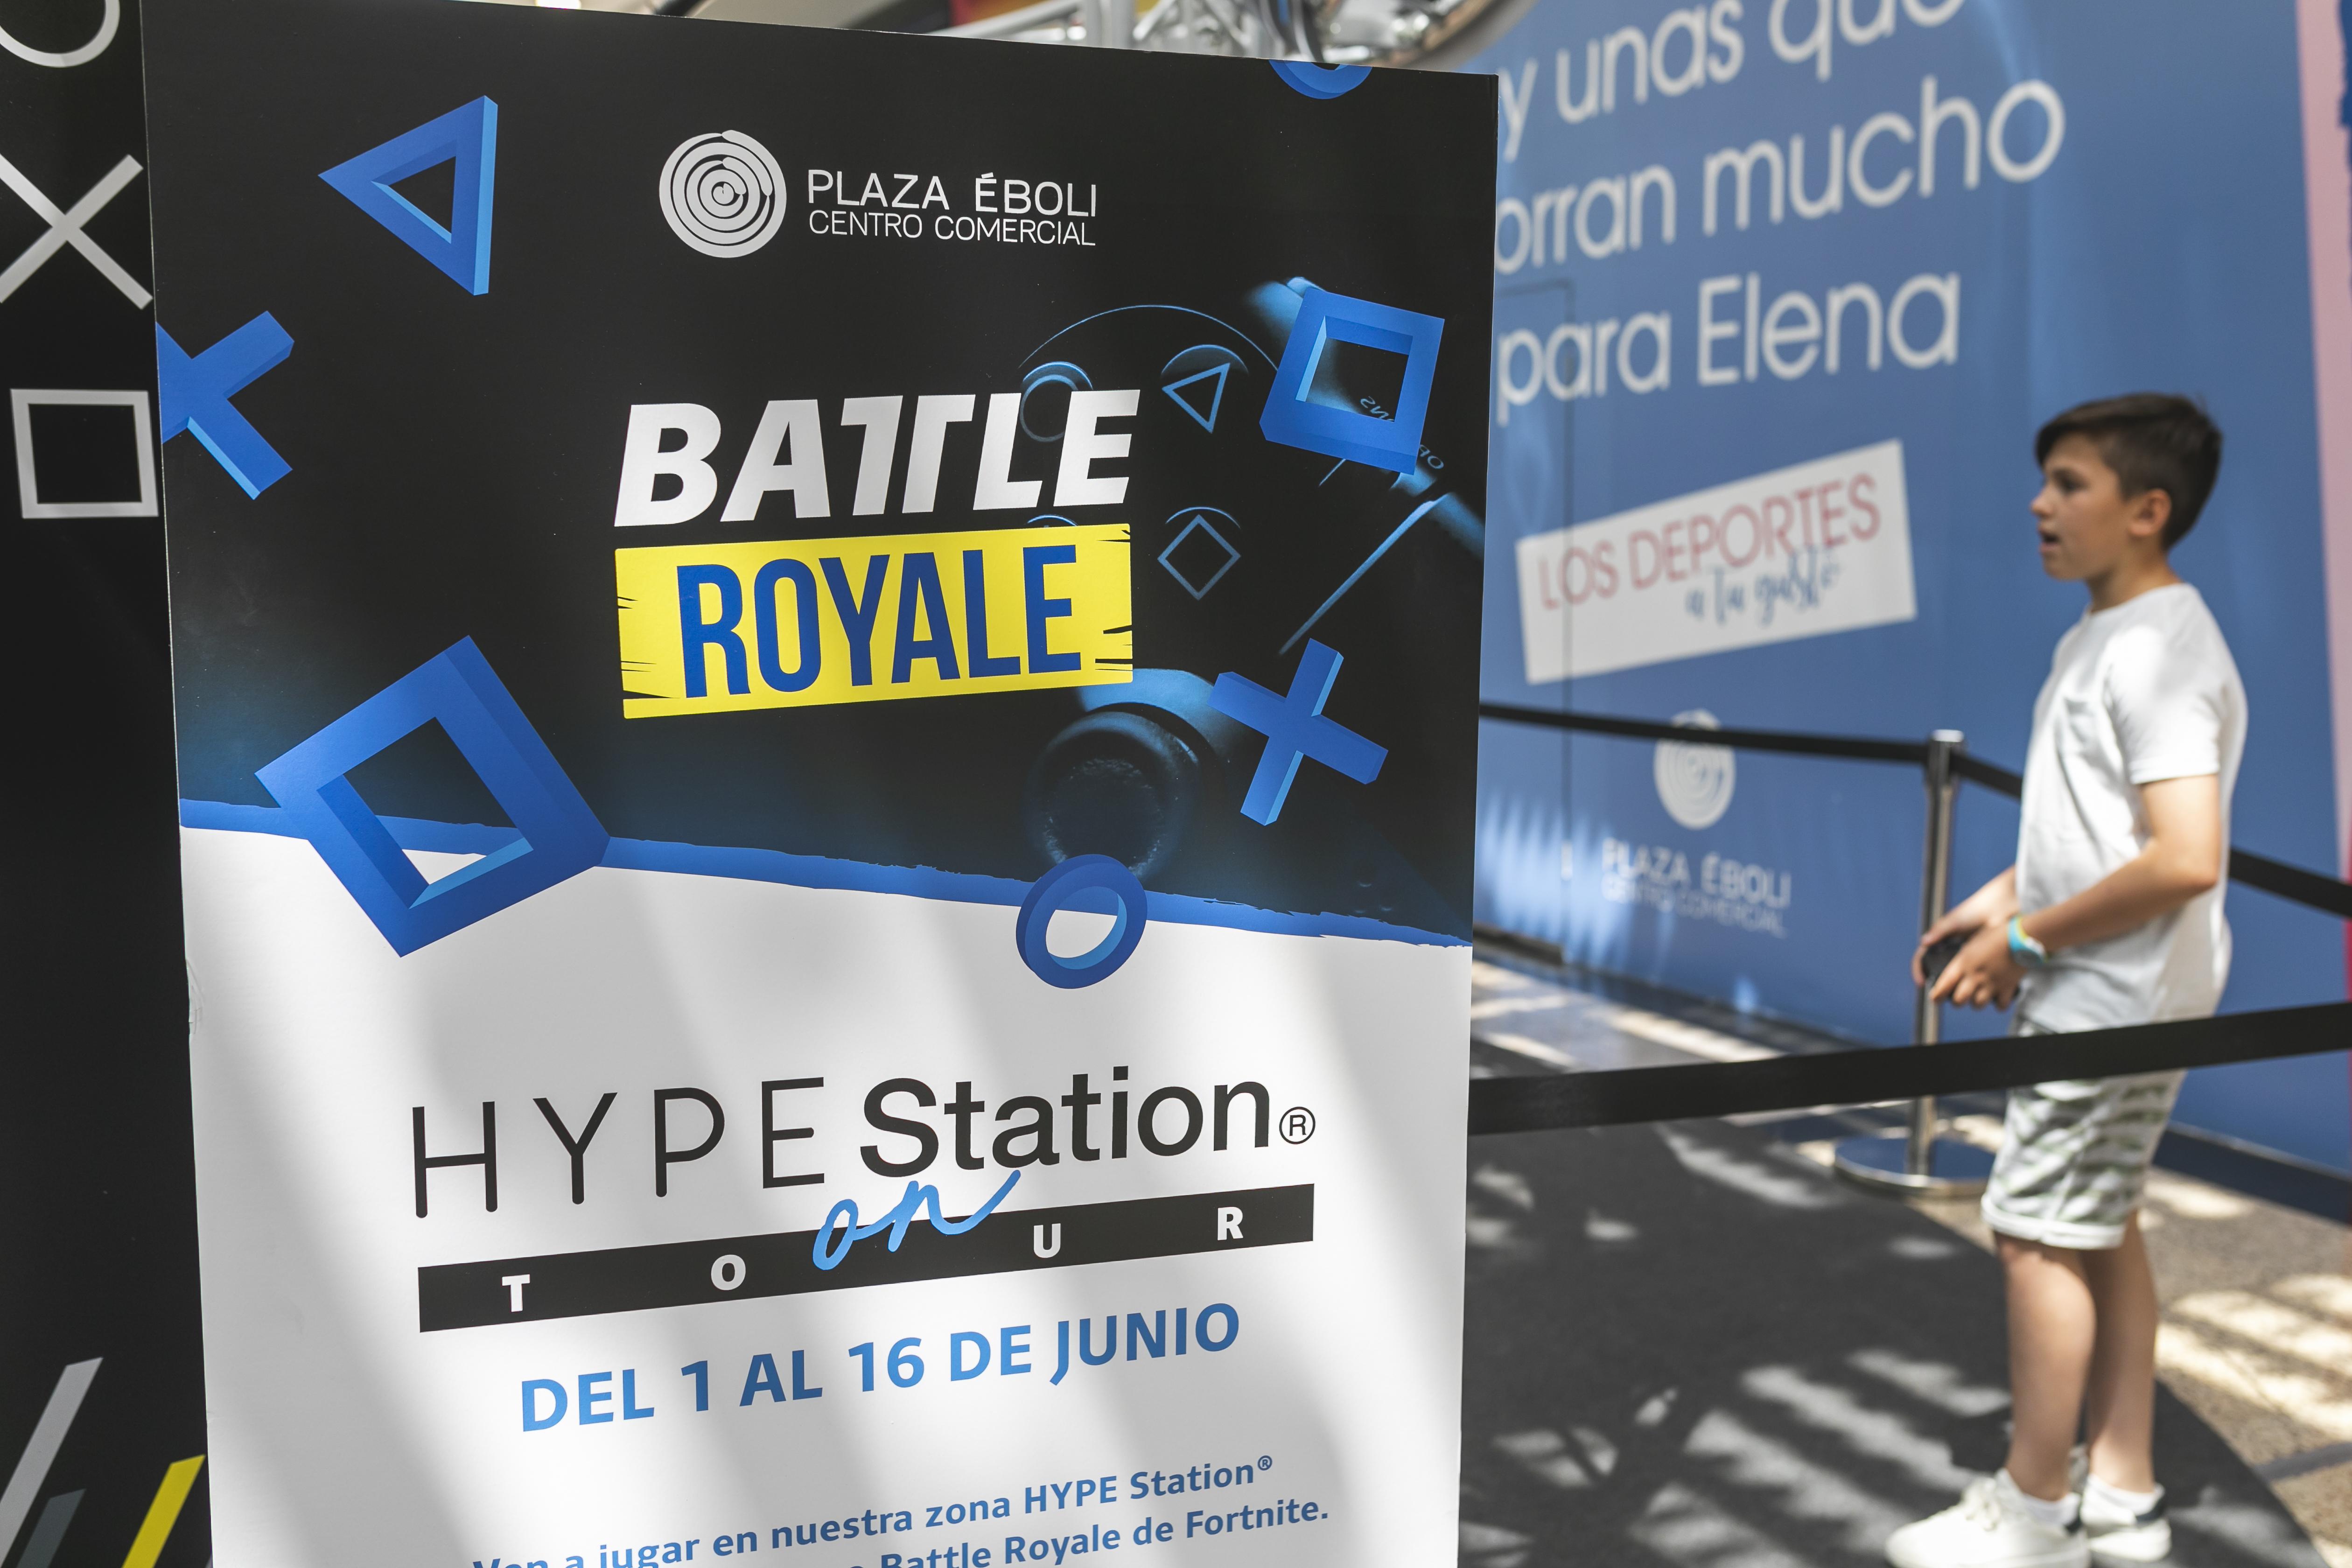 20190601_Evento Hype Station On Tour_Plaza Éboli_Pinto_MR_1523